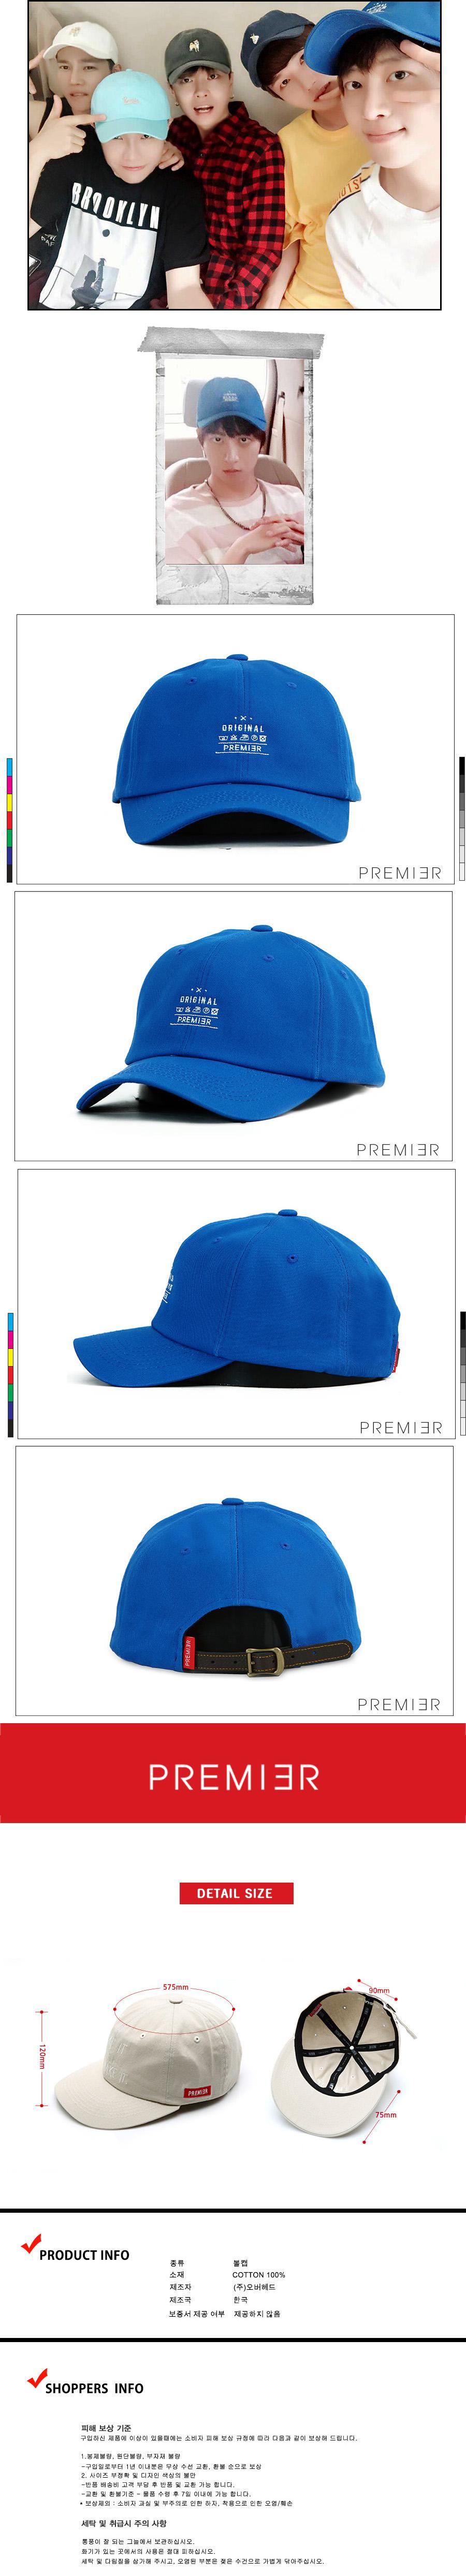 [ PREMIER ] [Premier] Ball Cap Original Premier Blue (P909)